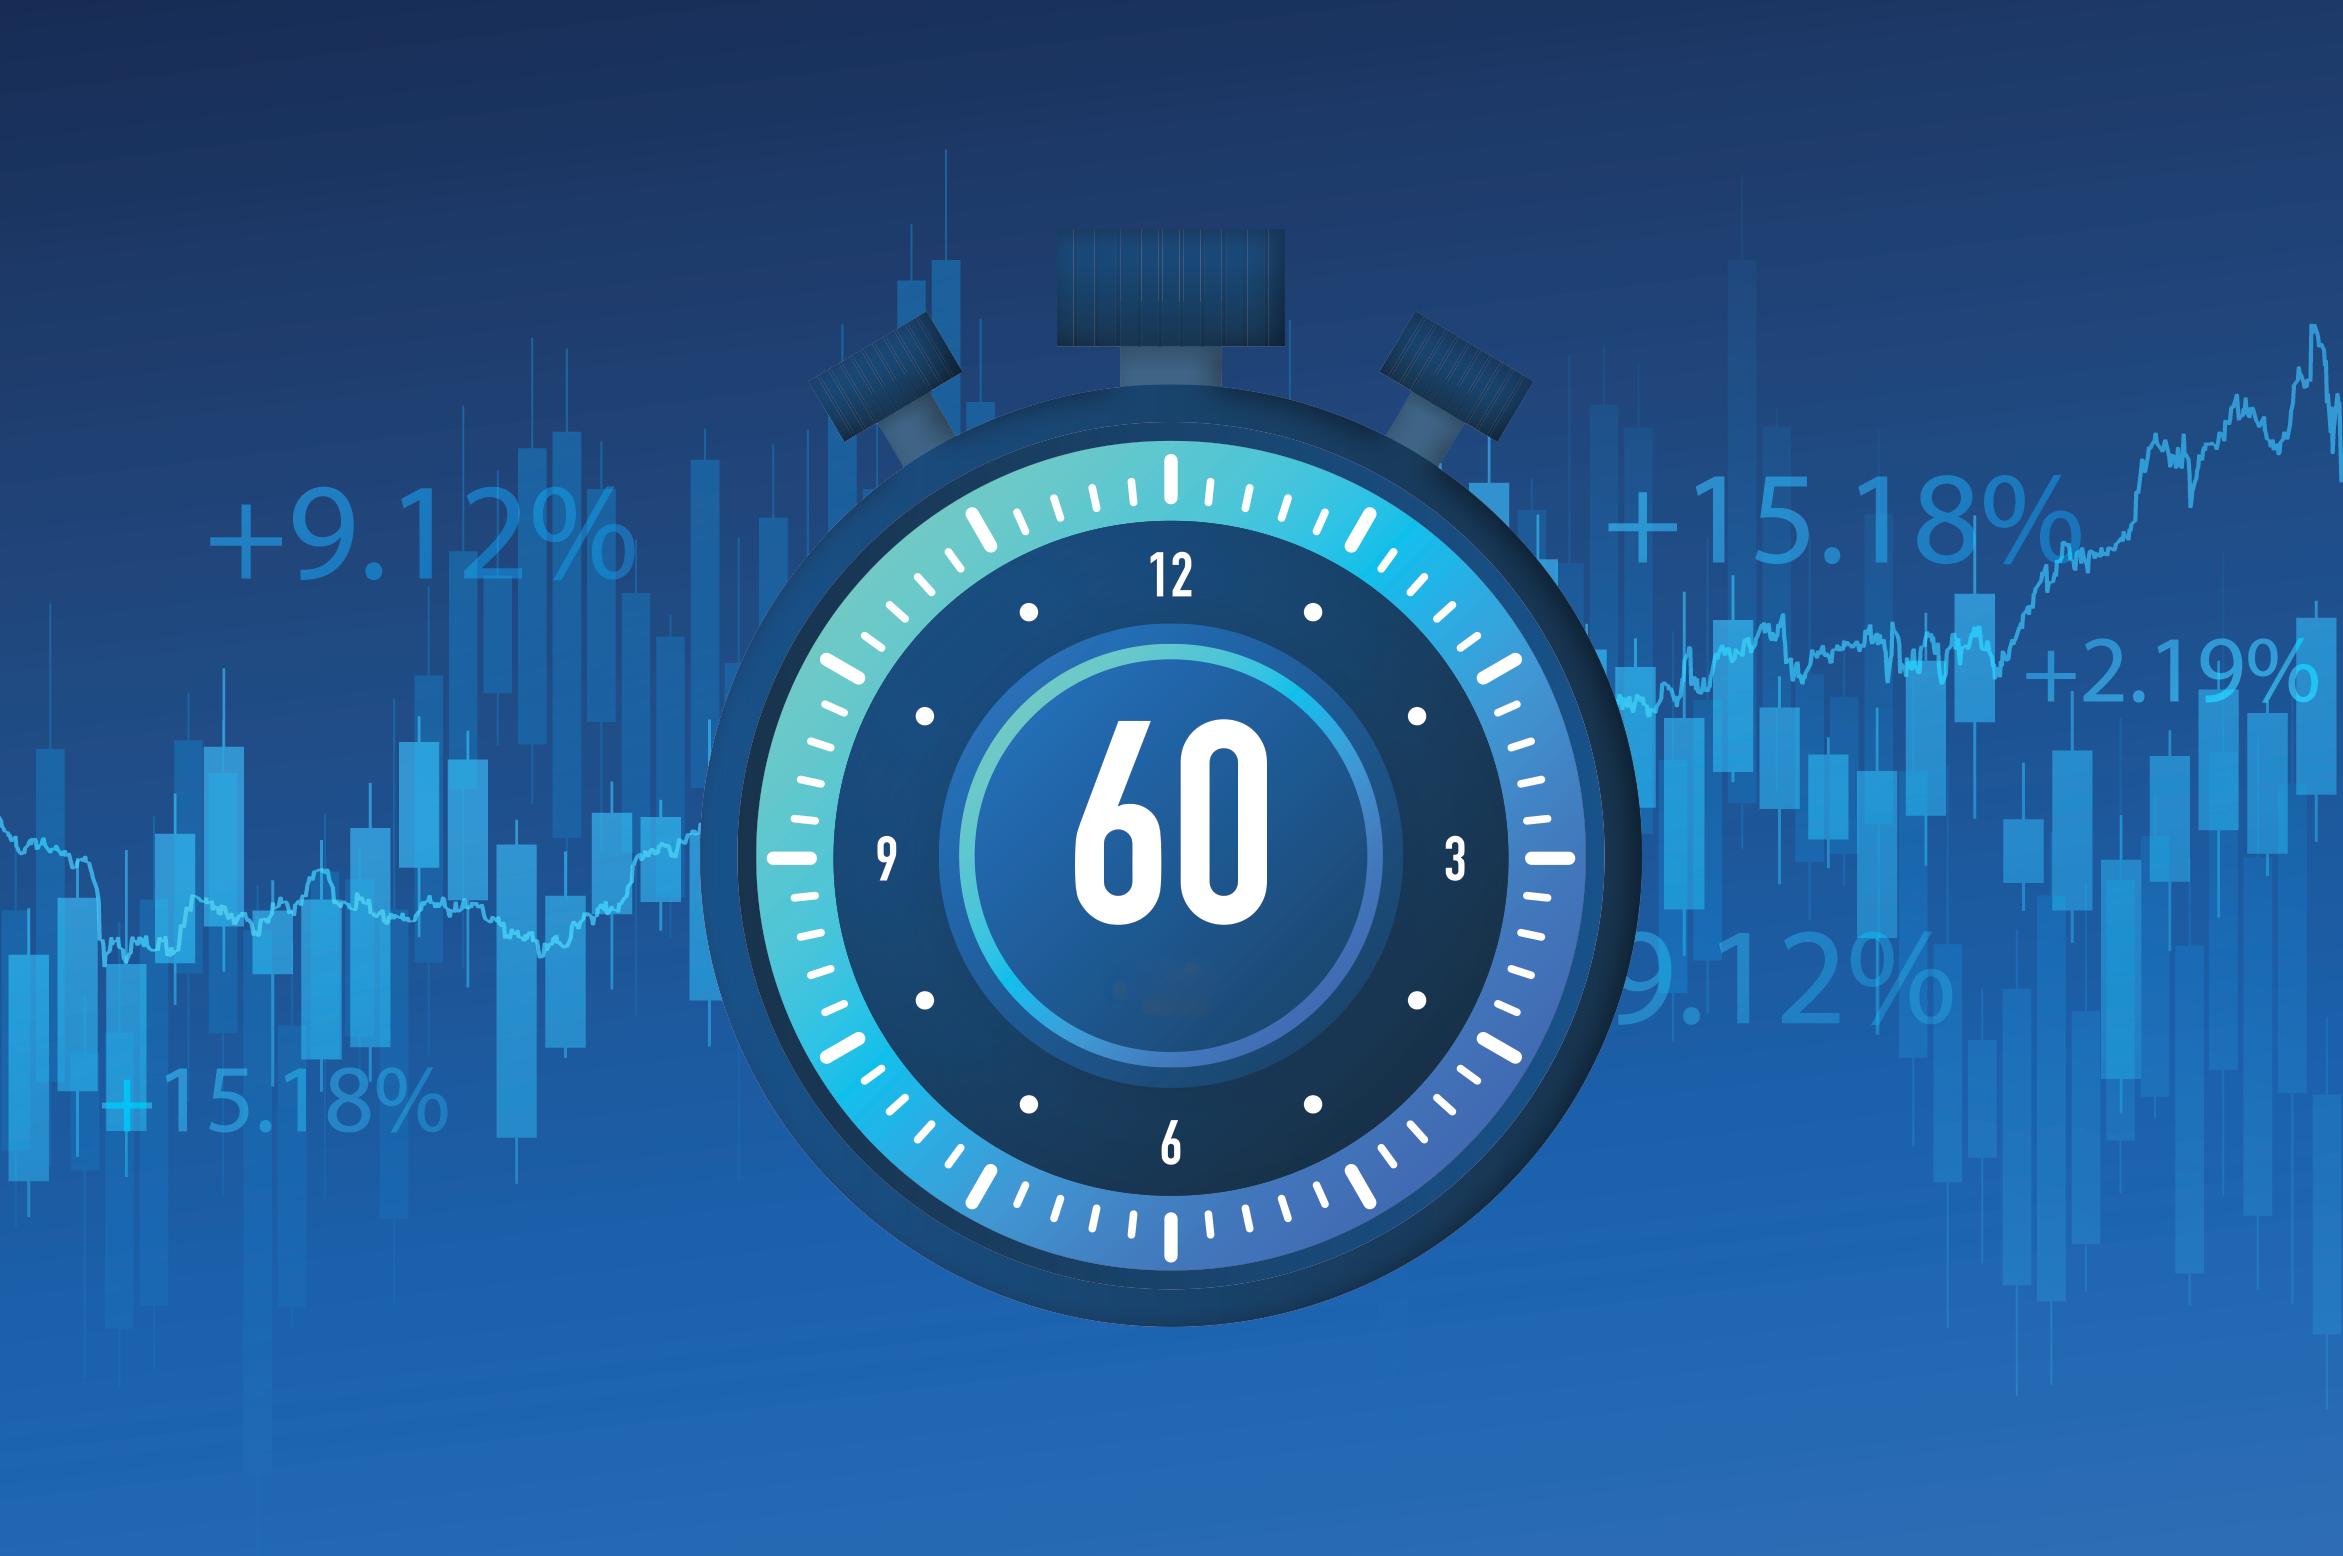 Stocks in 60 Seconds